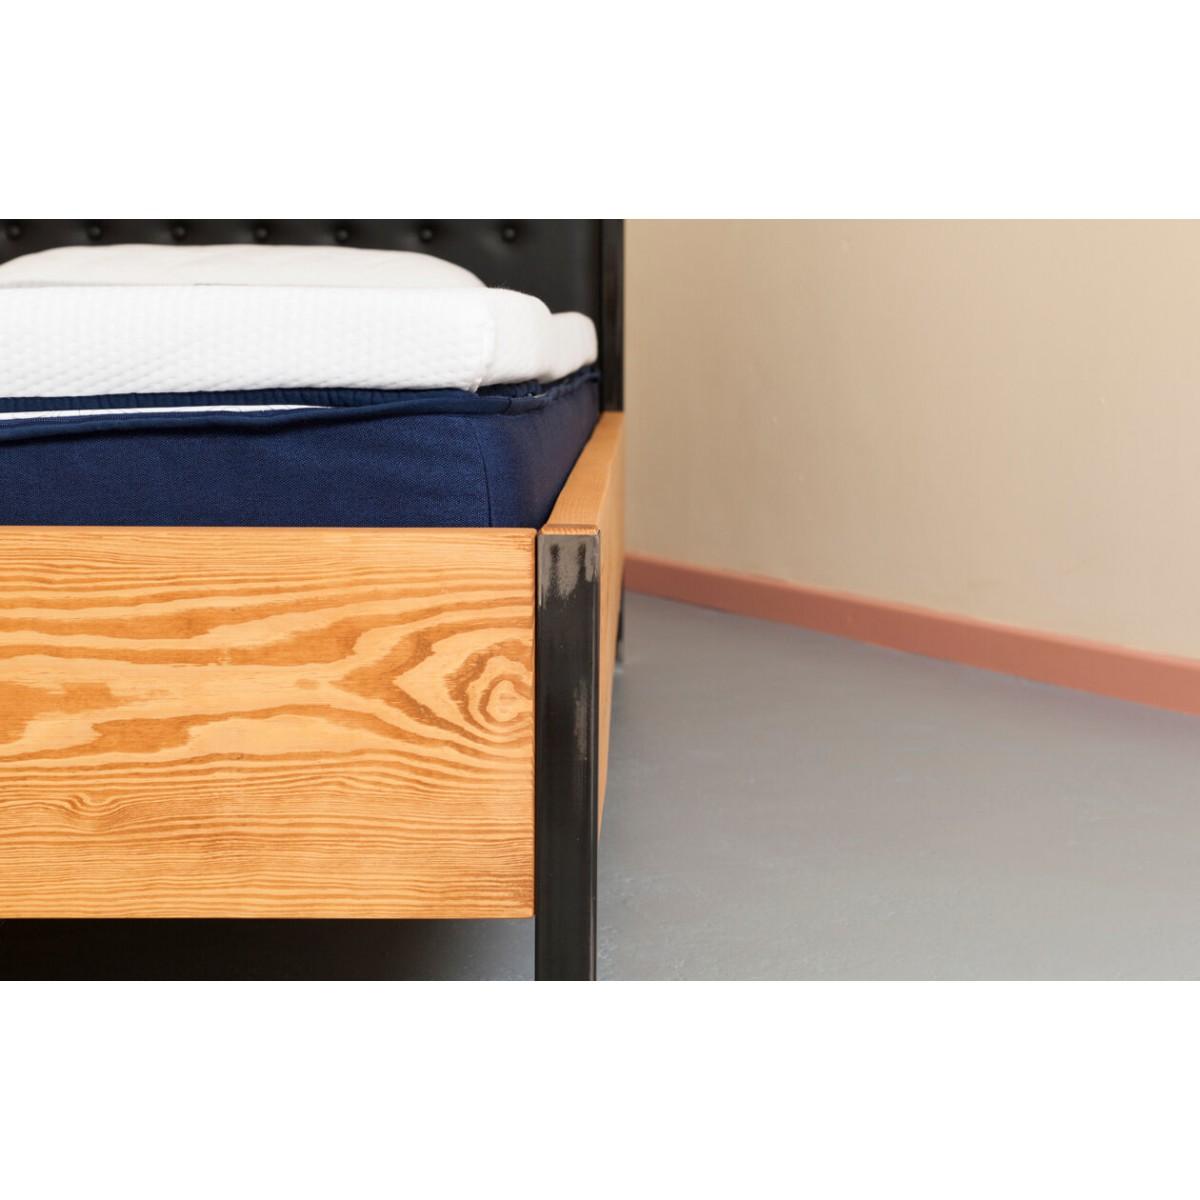 Familienbett  aus recyceltem Massivholz, Stahl und veganem Leder | BONNIEUX